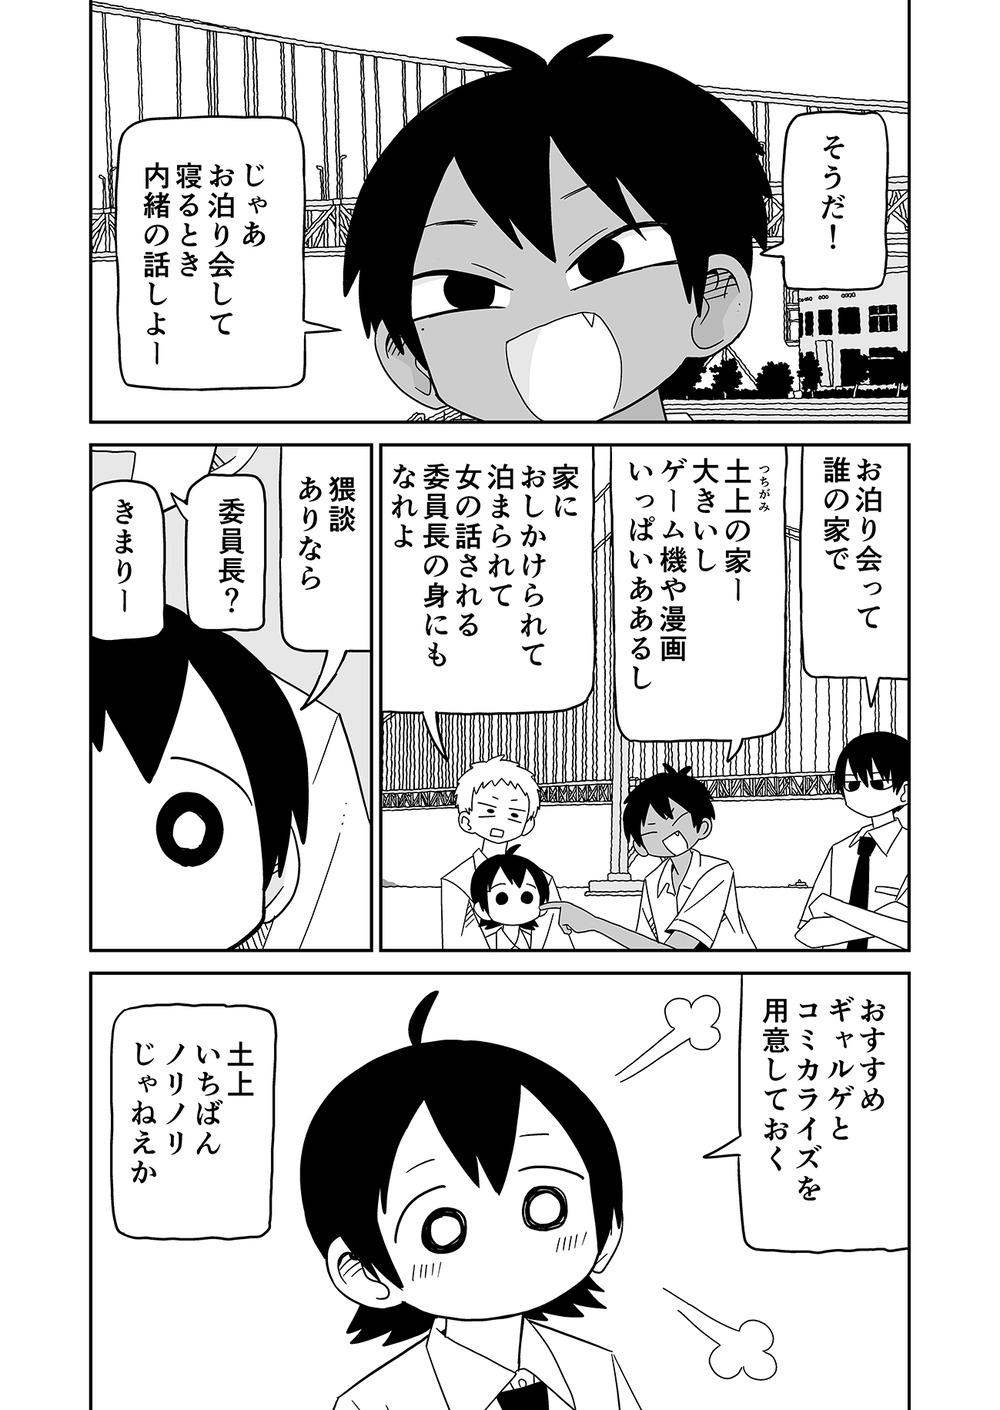 潮舞データオマケ20020